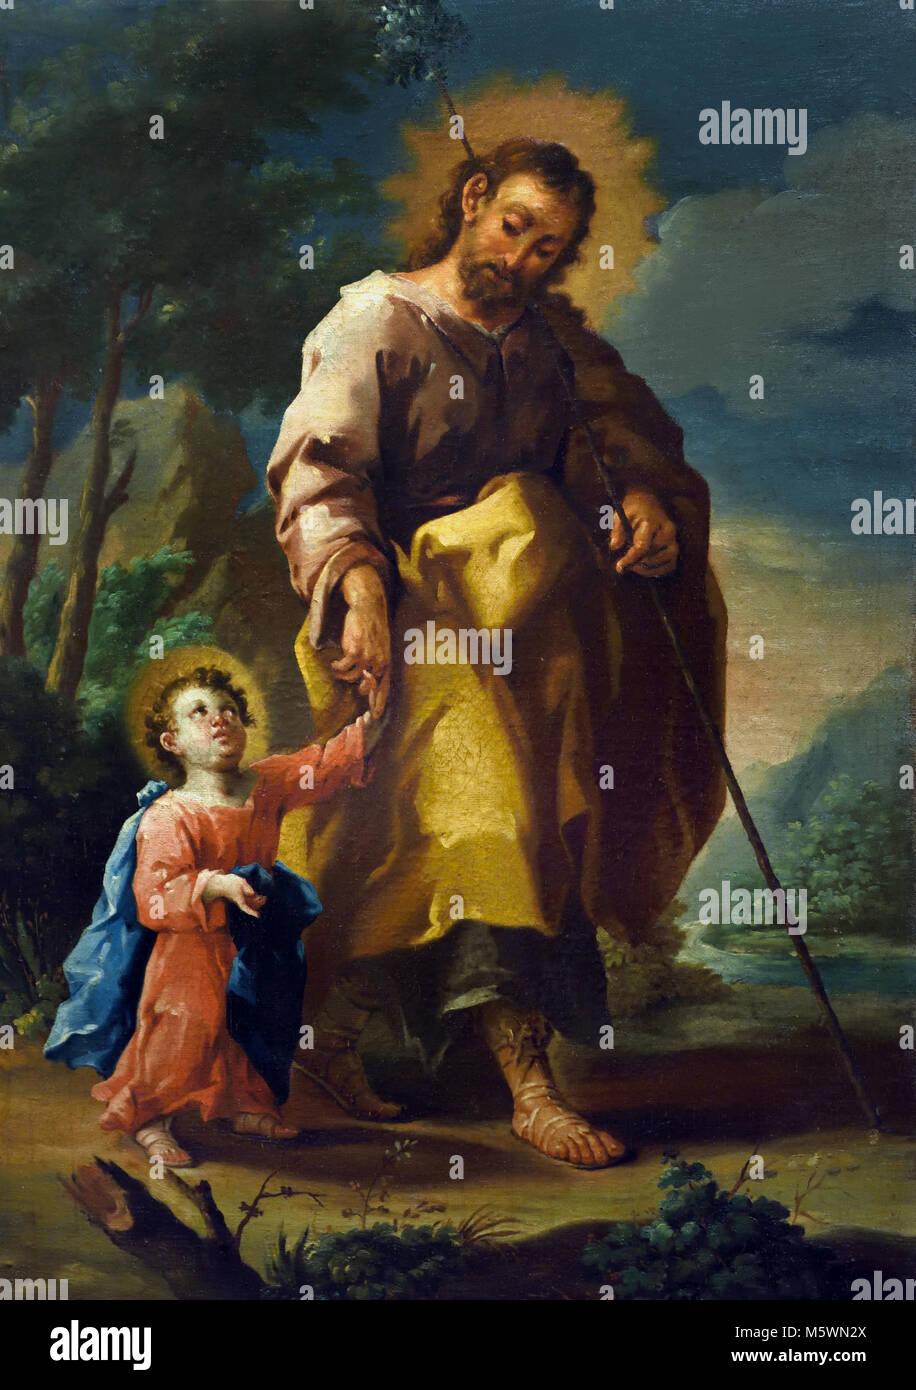 San Jose el niño - Saint Joseph And the child 1750 Jose Luzan Martinez 18th, century, Spain, Spanish, - Stock Image